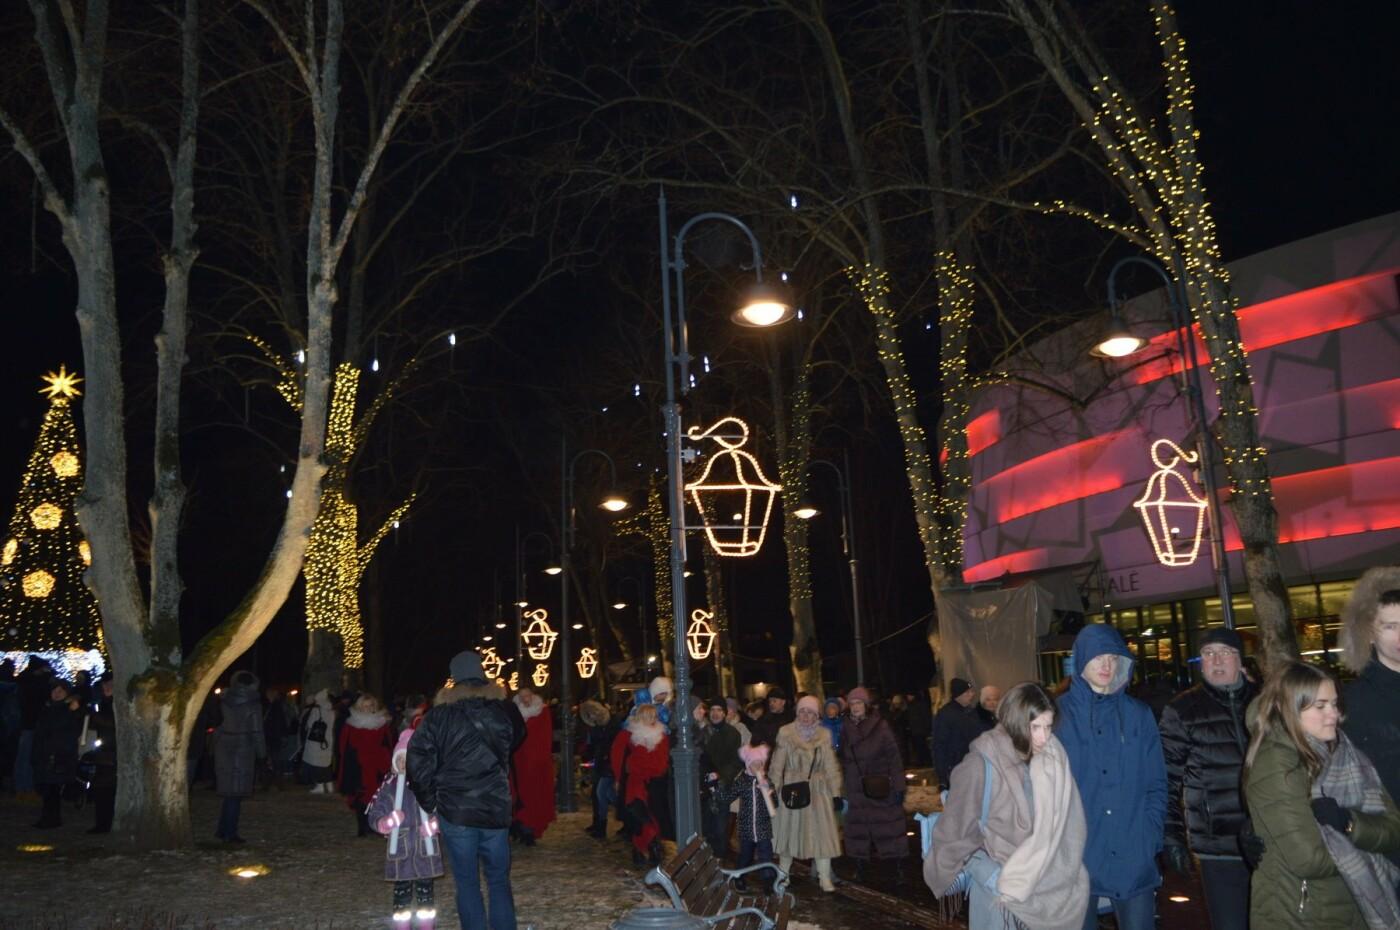 Palanga įžiebė eglę ir suspindo tūkstančiais kalėdinių šviesų, nuotrauka-76